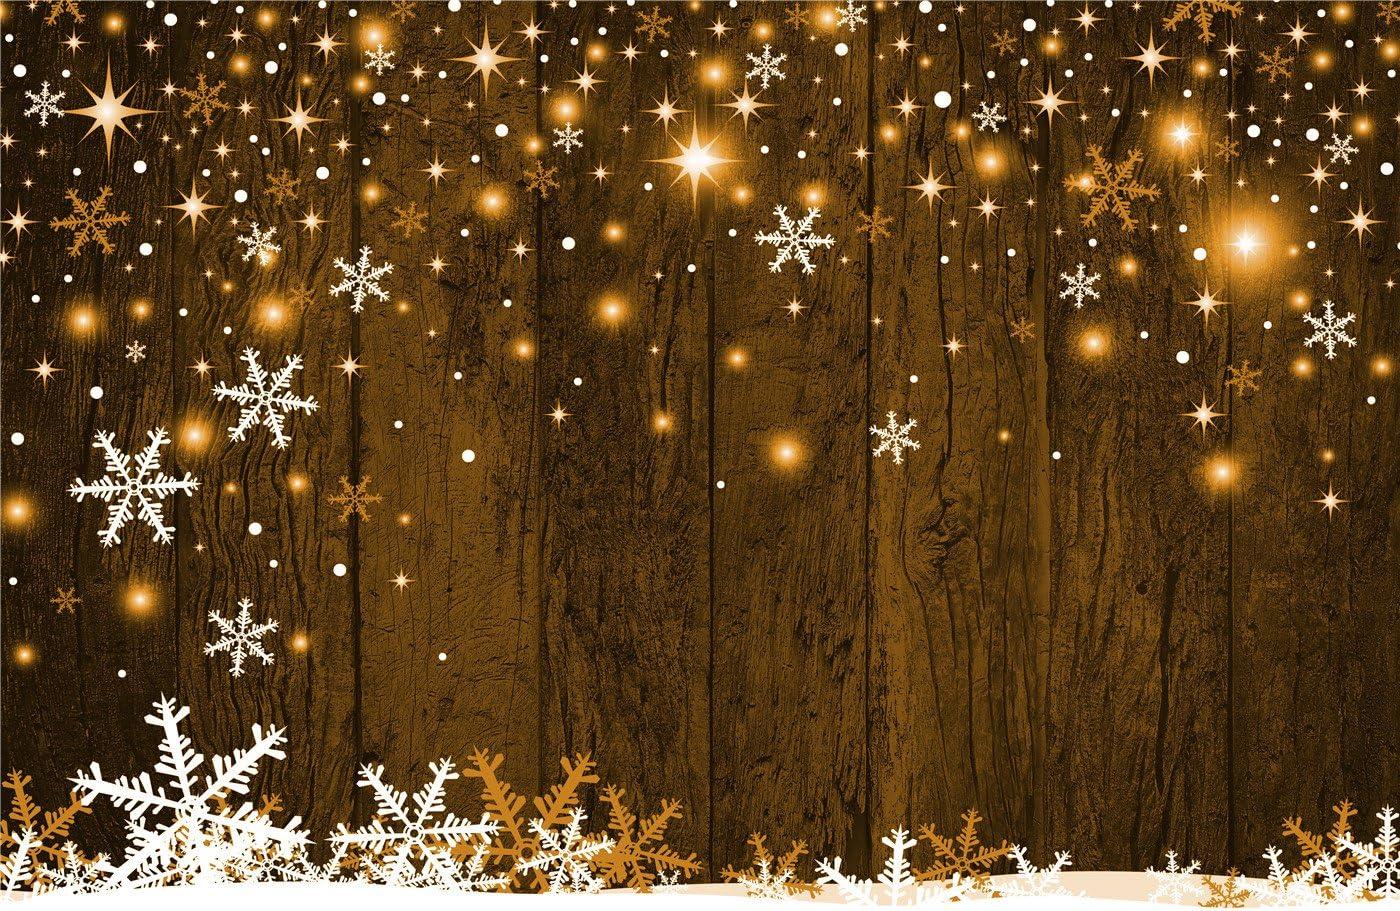 7 X 150 Schneeflocke Photography Hintergrund Braun Holz Wand Hintergrund Gelb Beleuchtung Für Weihnachten Hintergrund Booth 10x6 5 Küche Haushalt